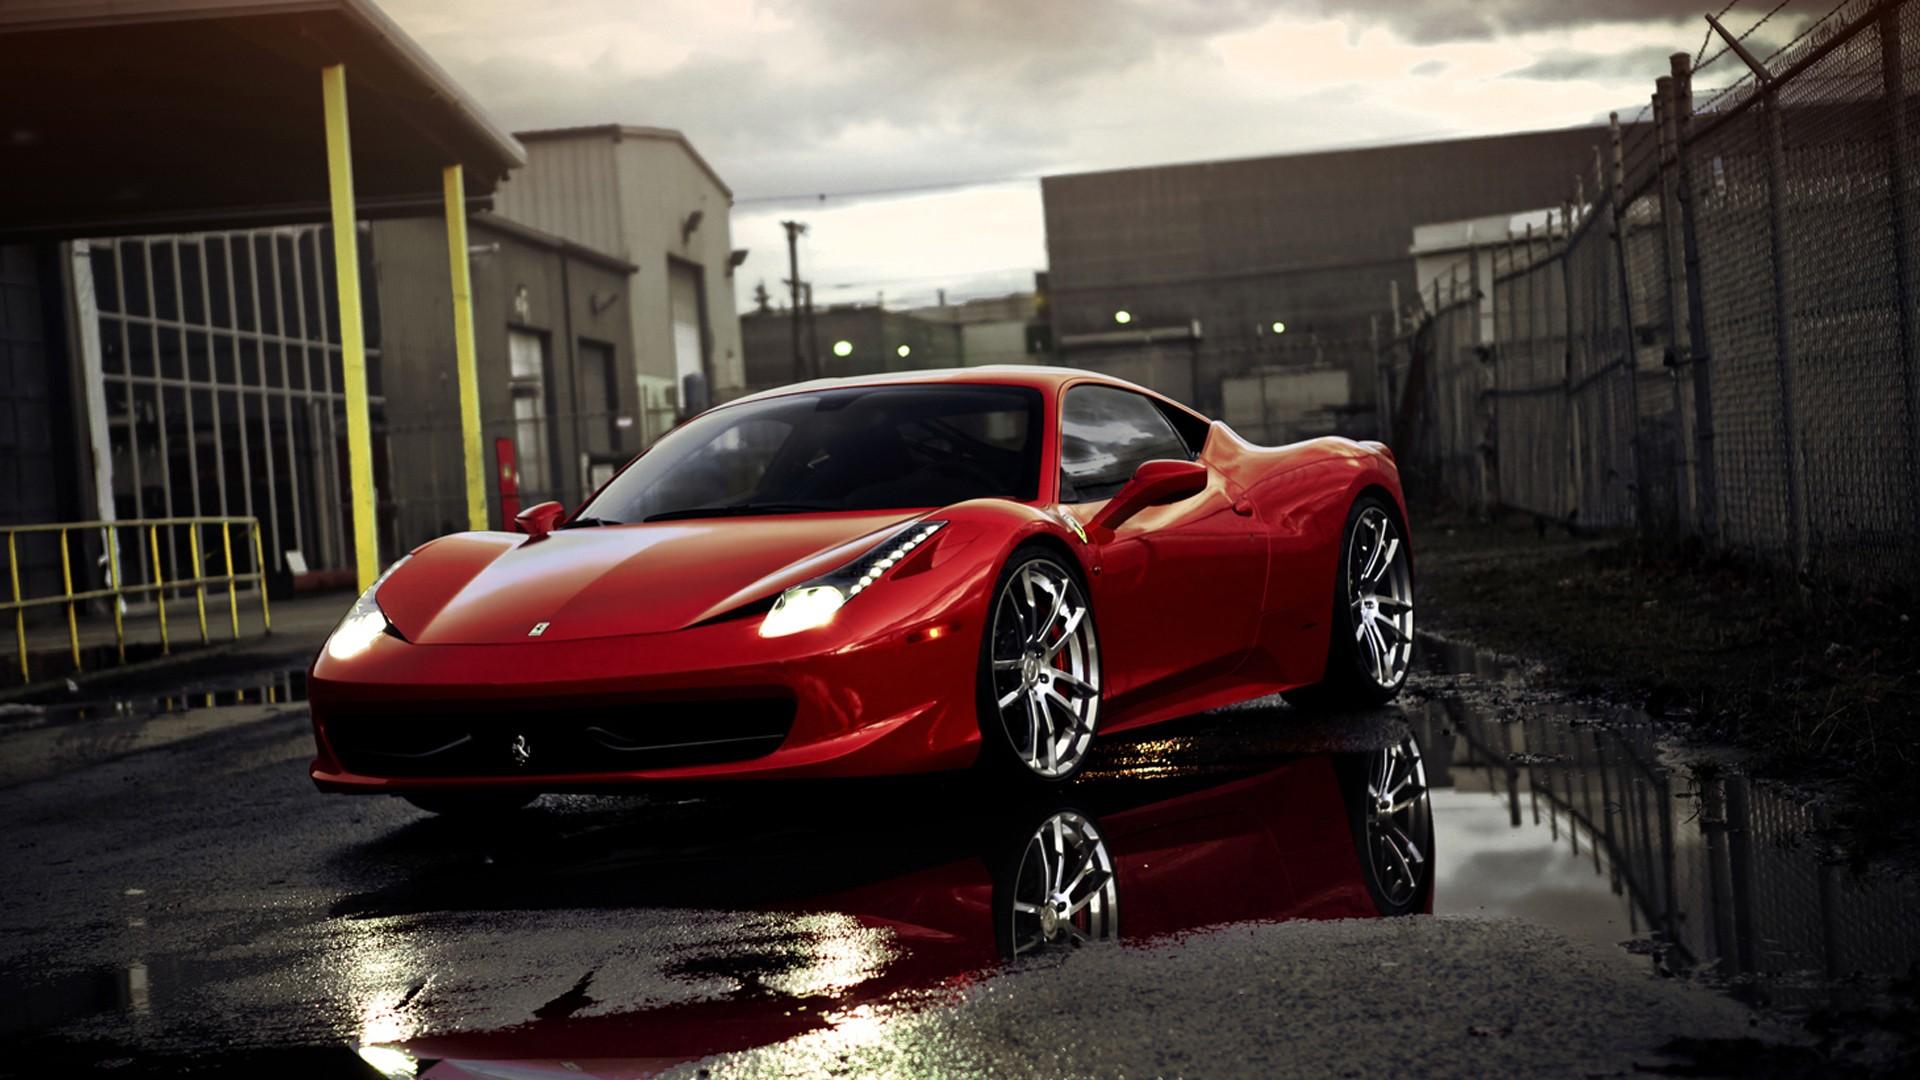 Ferrari 458 Italia Wallpaper Hd 1920x1080